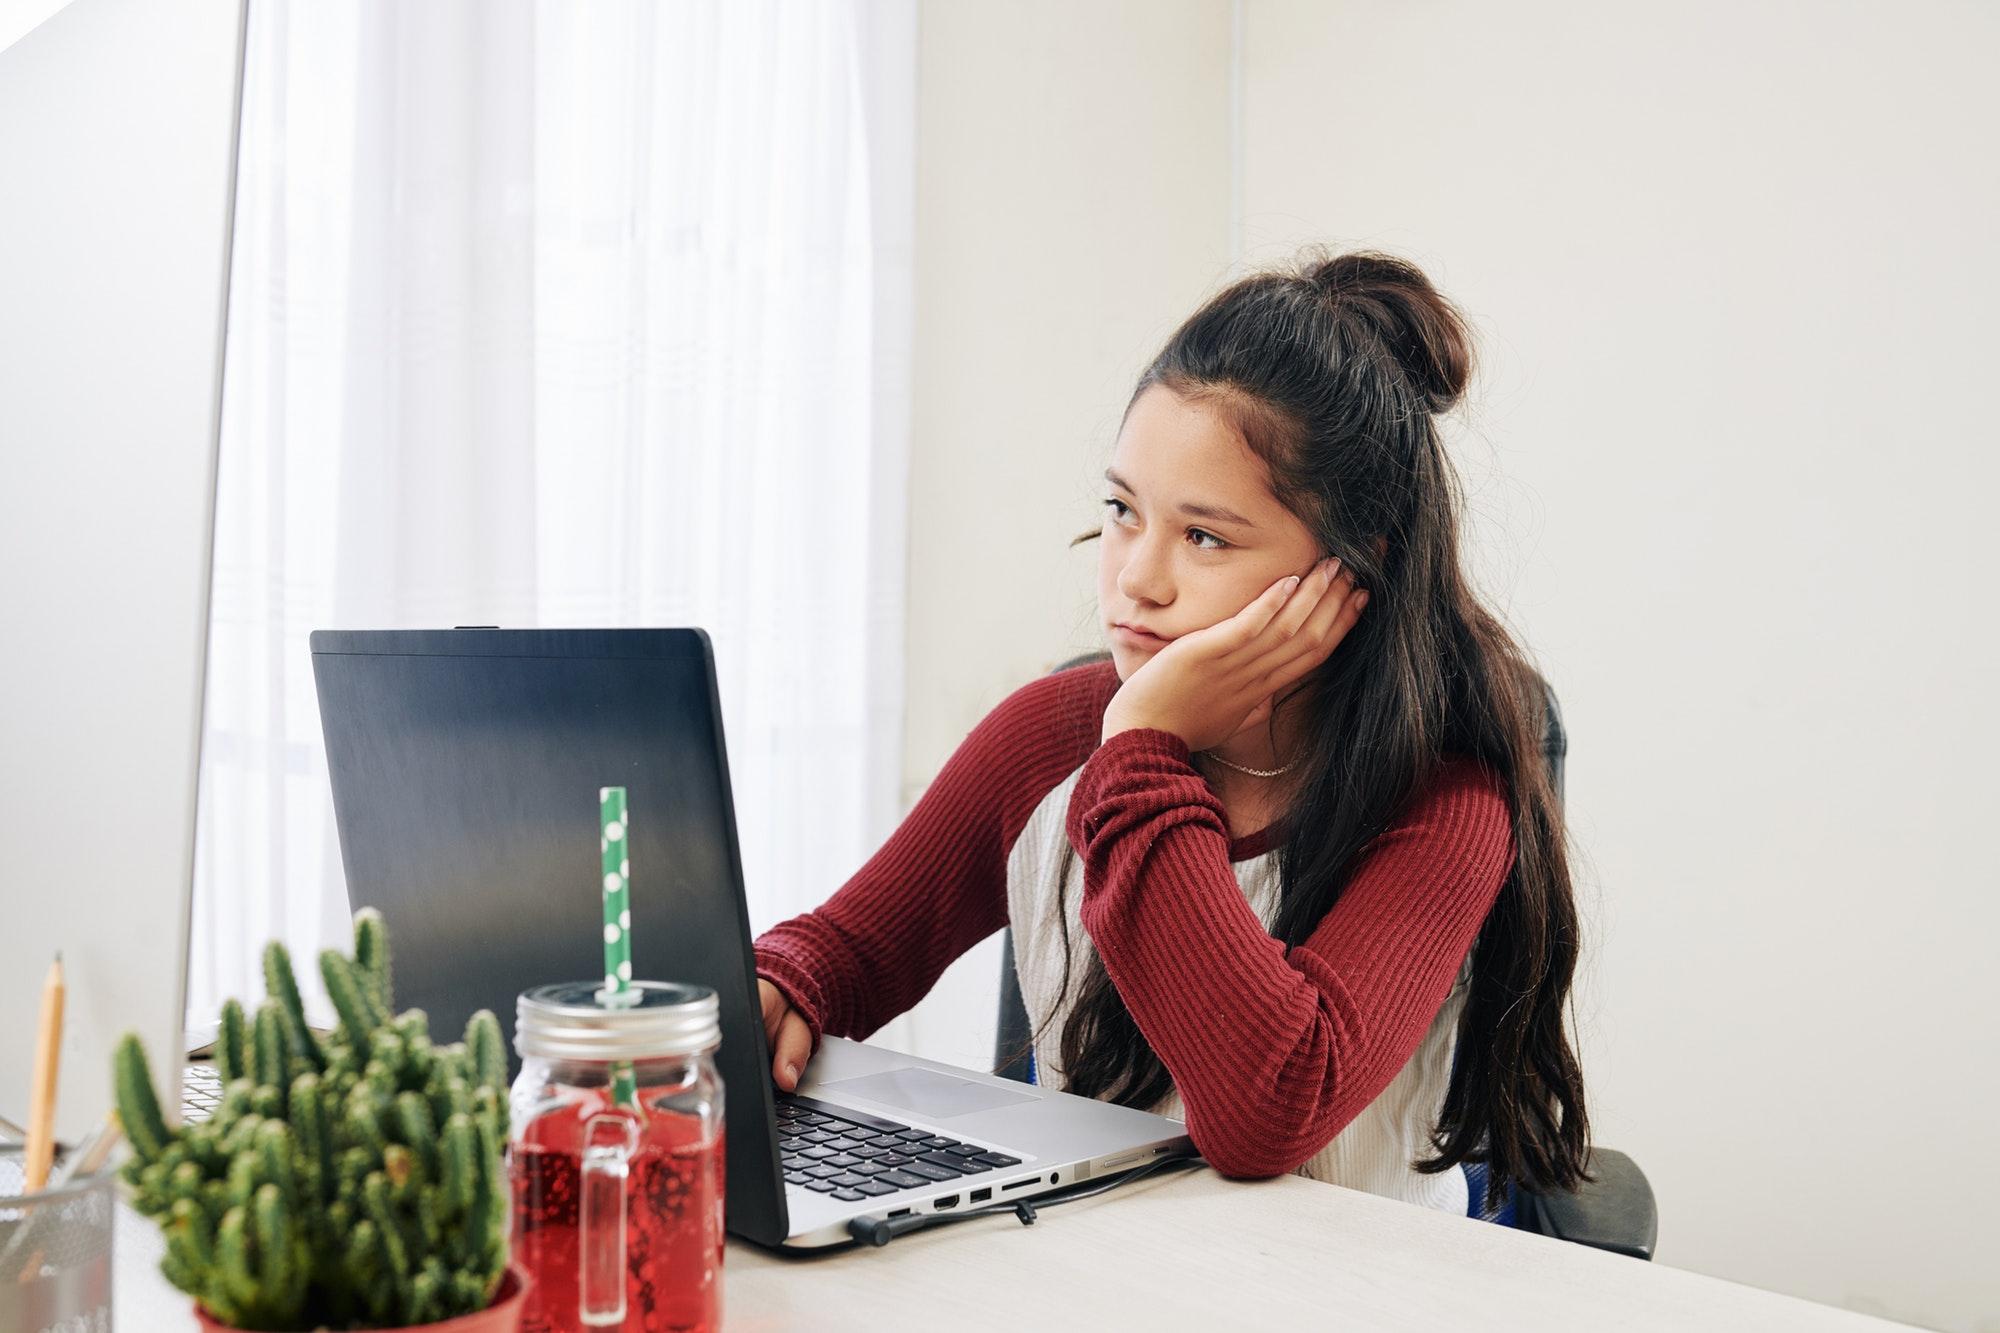 Girl installing program on laptop